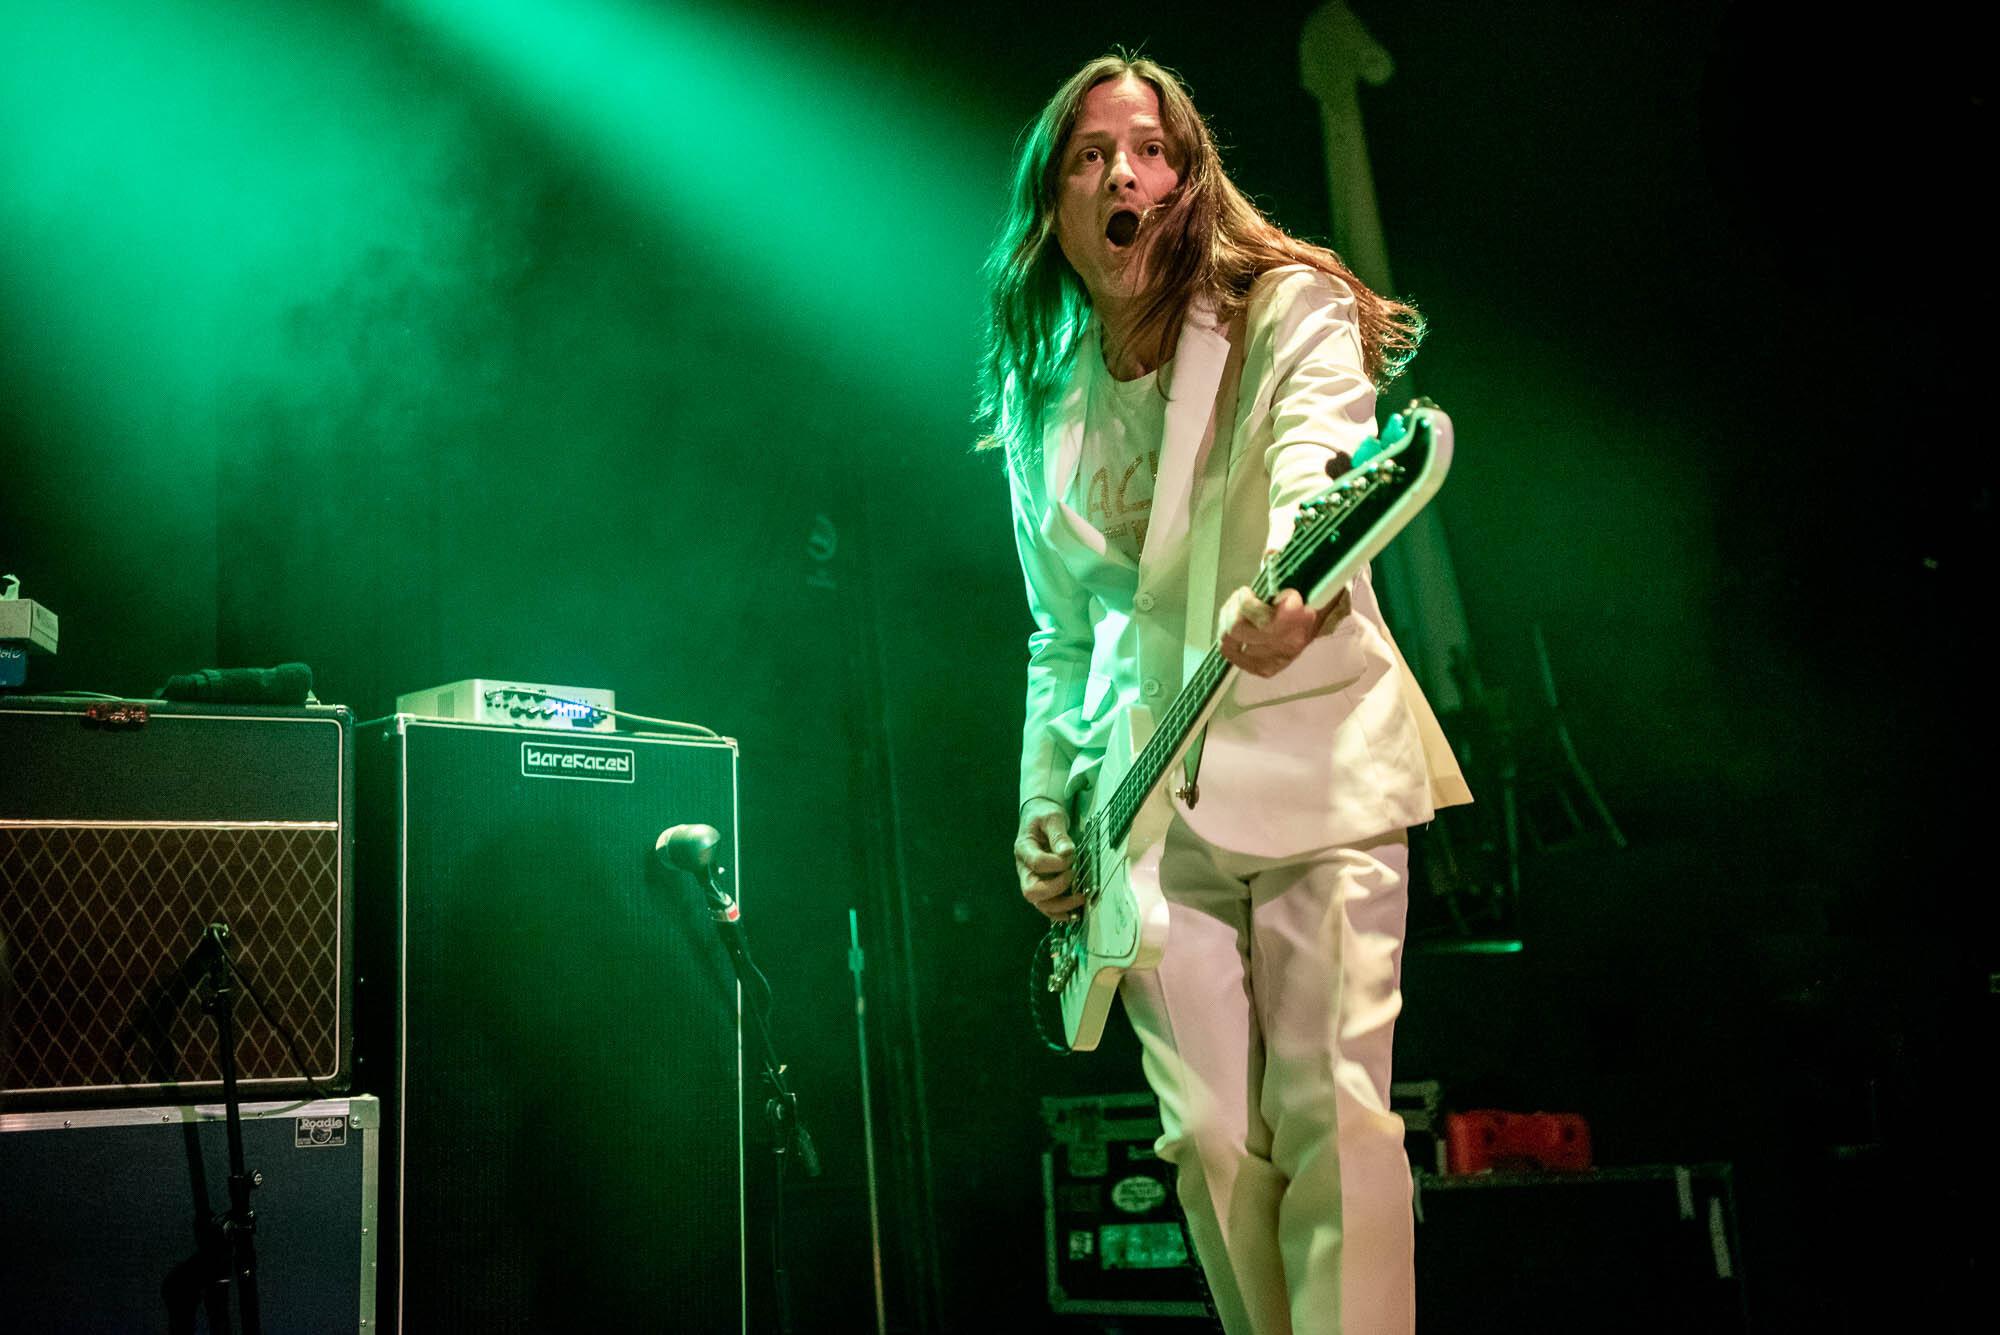 Redd Kross performing at Warsaw on Thursday, October 10, 2019.